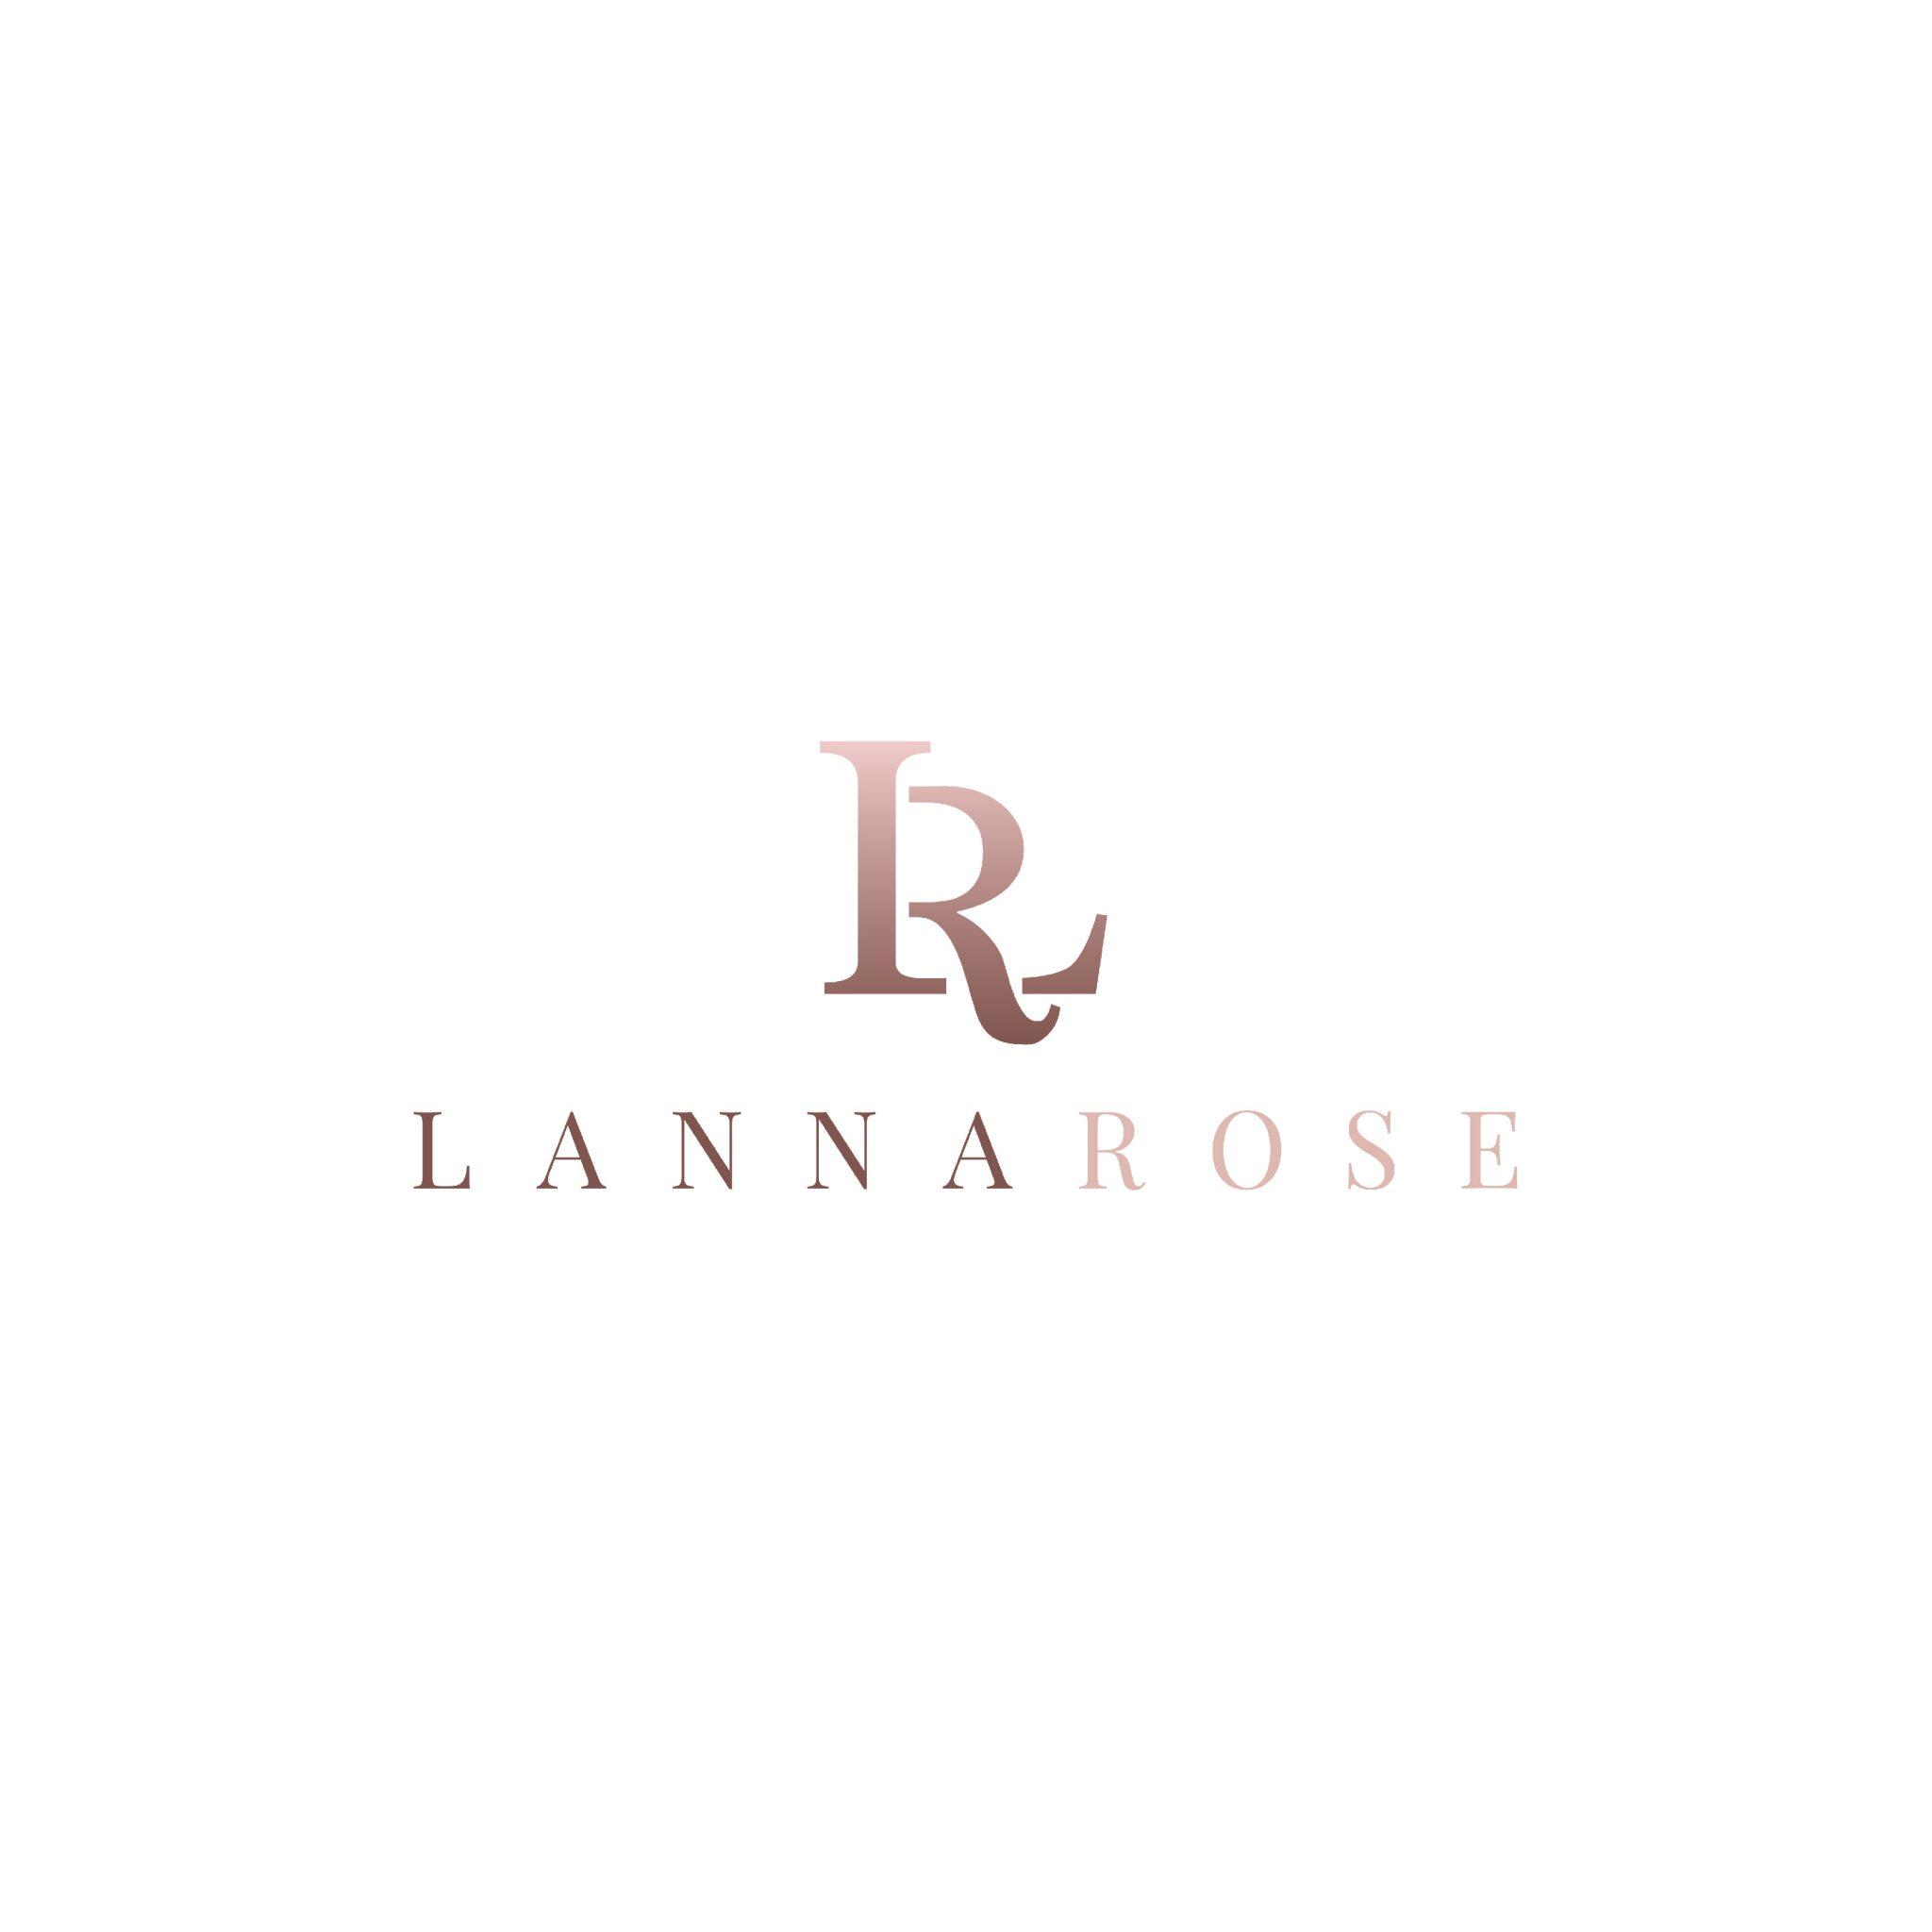 LannaRose